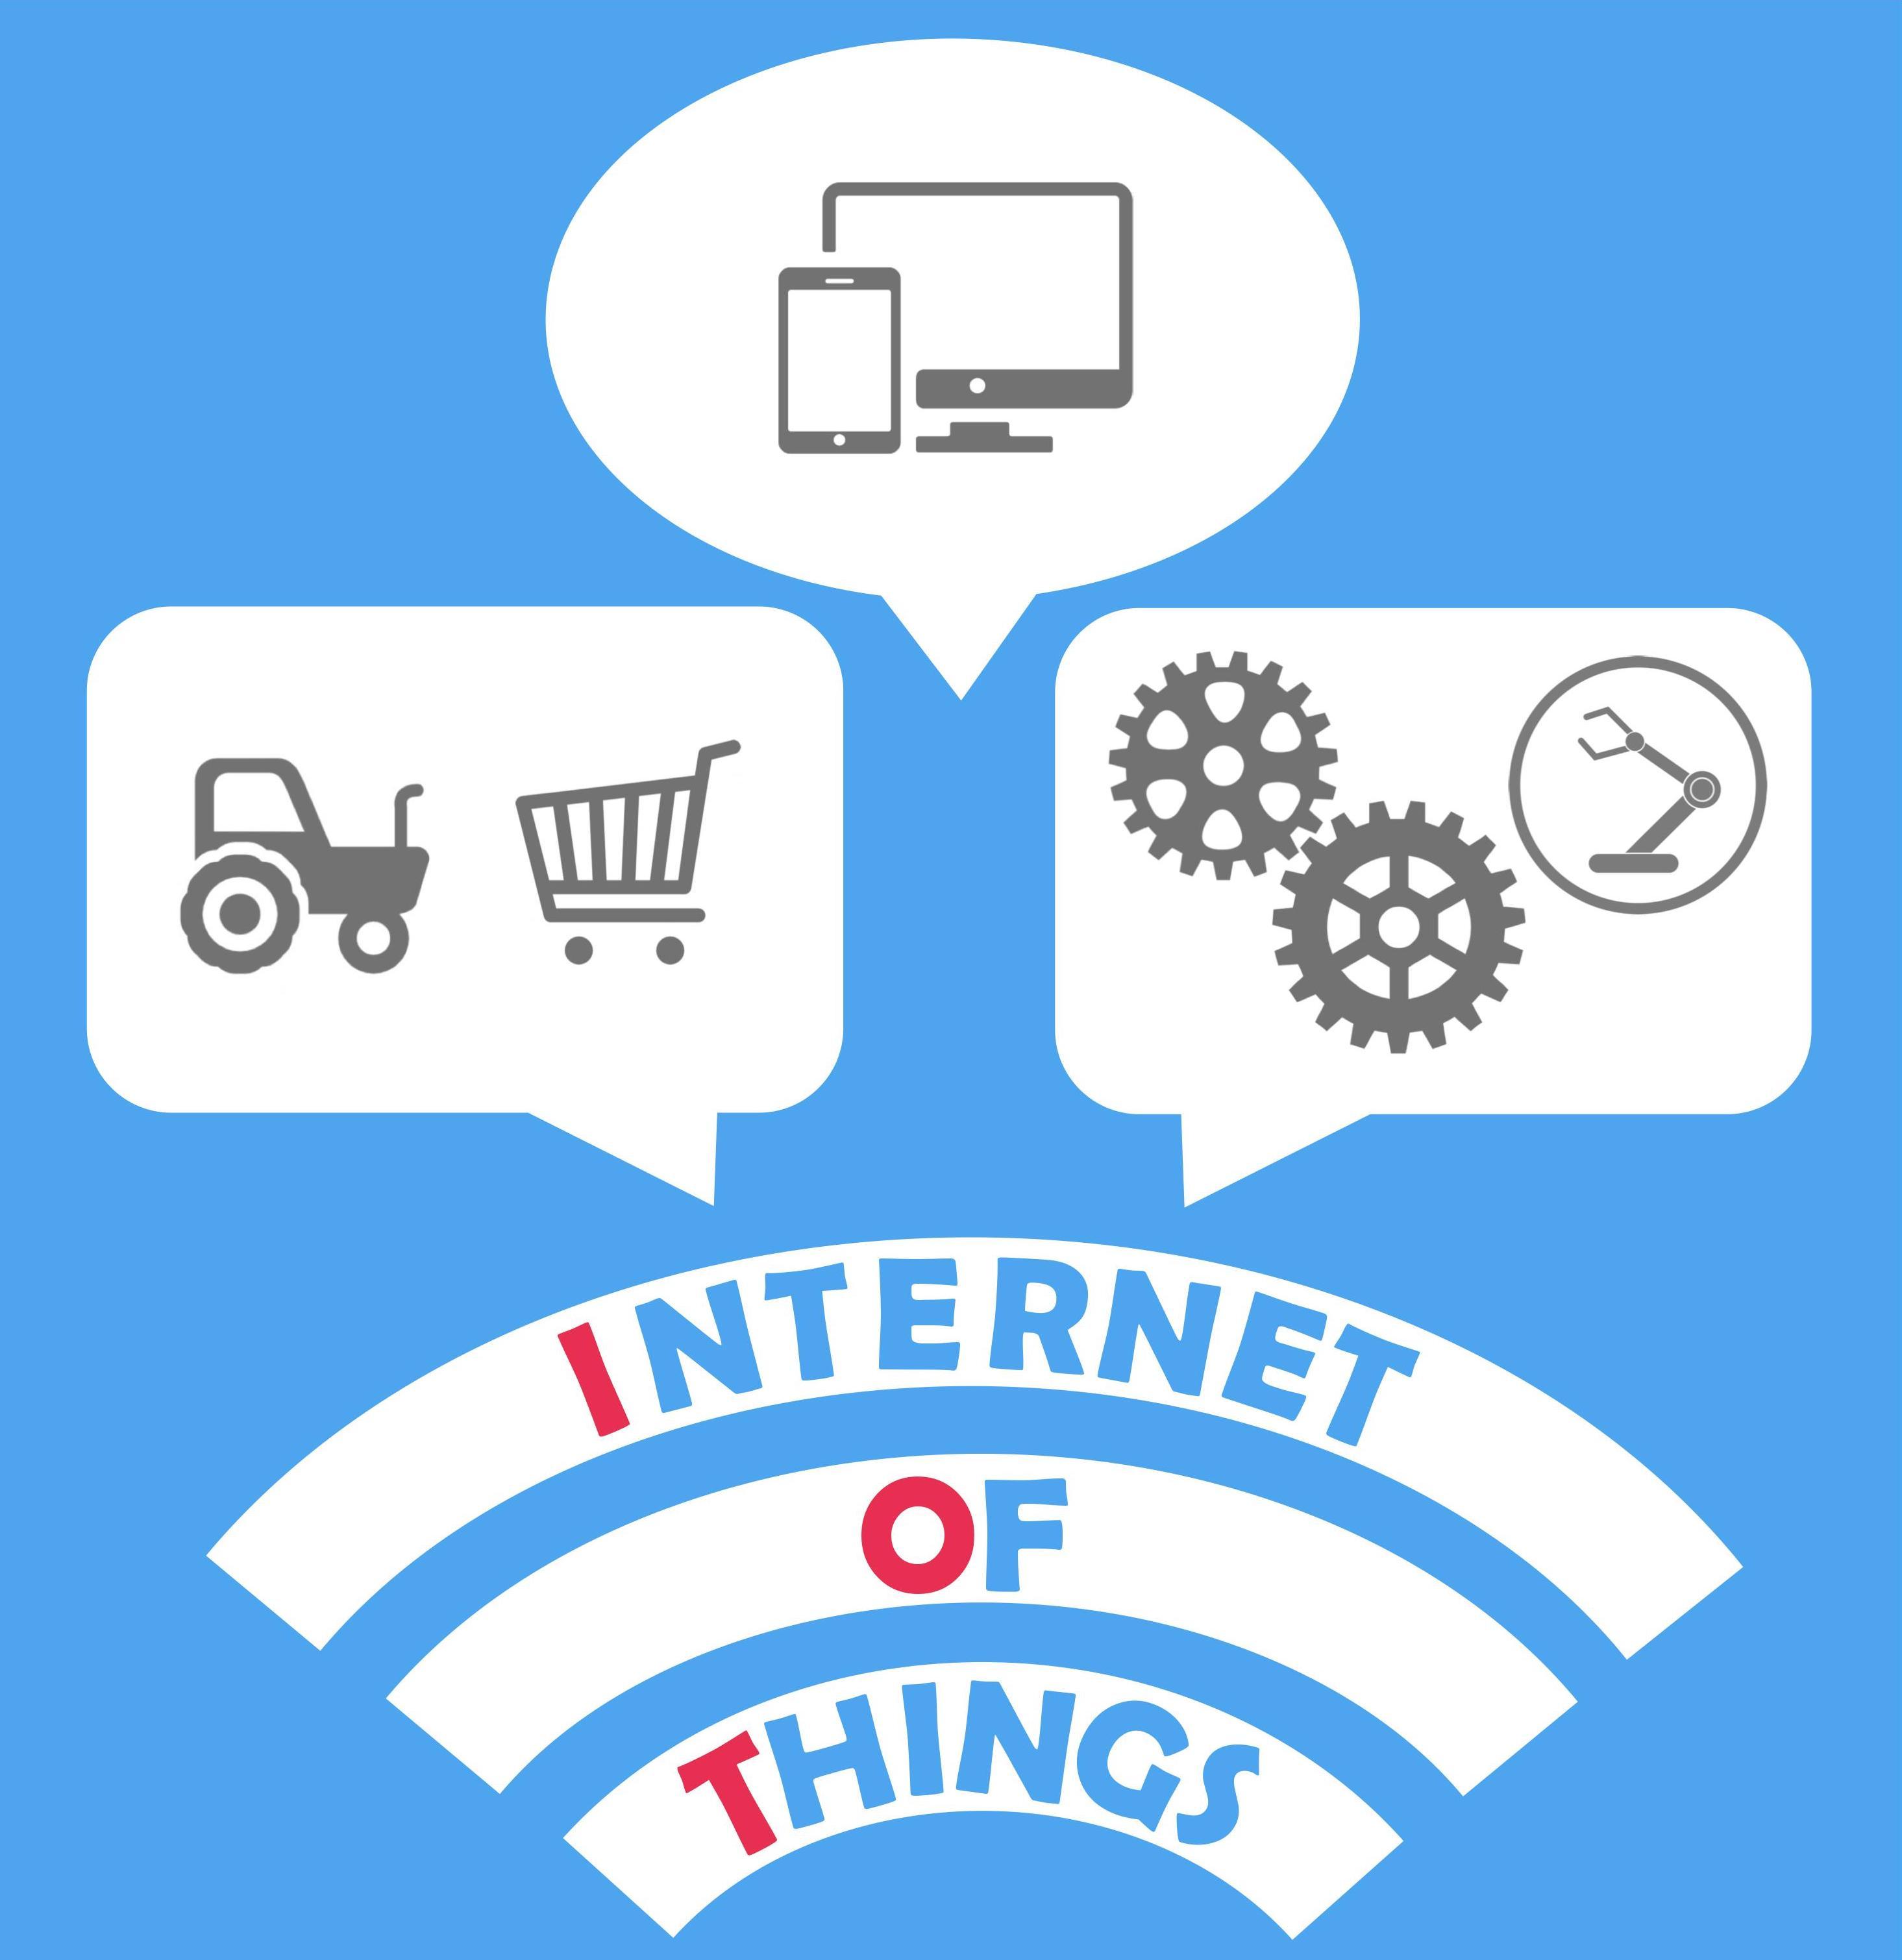 Anche le cose parlano: il prossimo 12 giugno Legacoop Estense organizza un workshop tecnico su internet delle cose, digitalizzazione, cooperazione 4.0